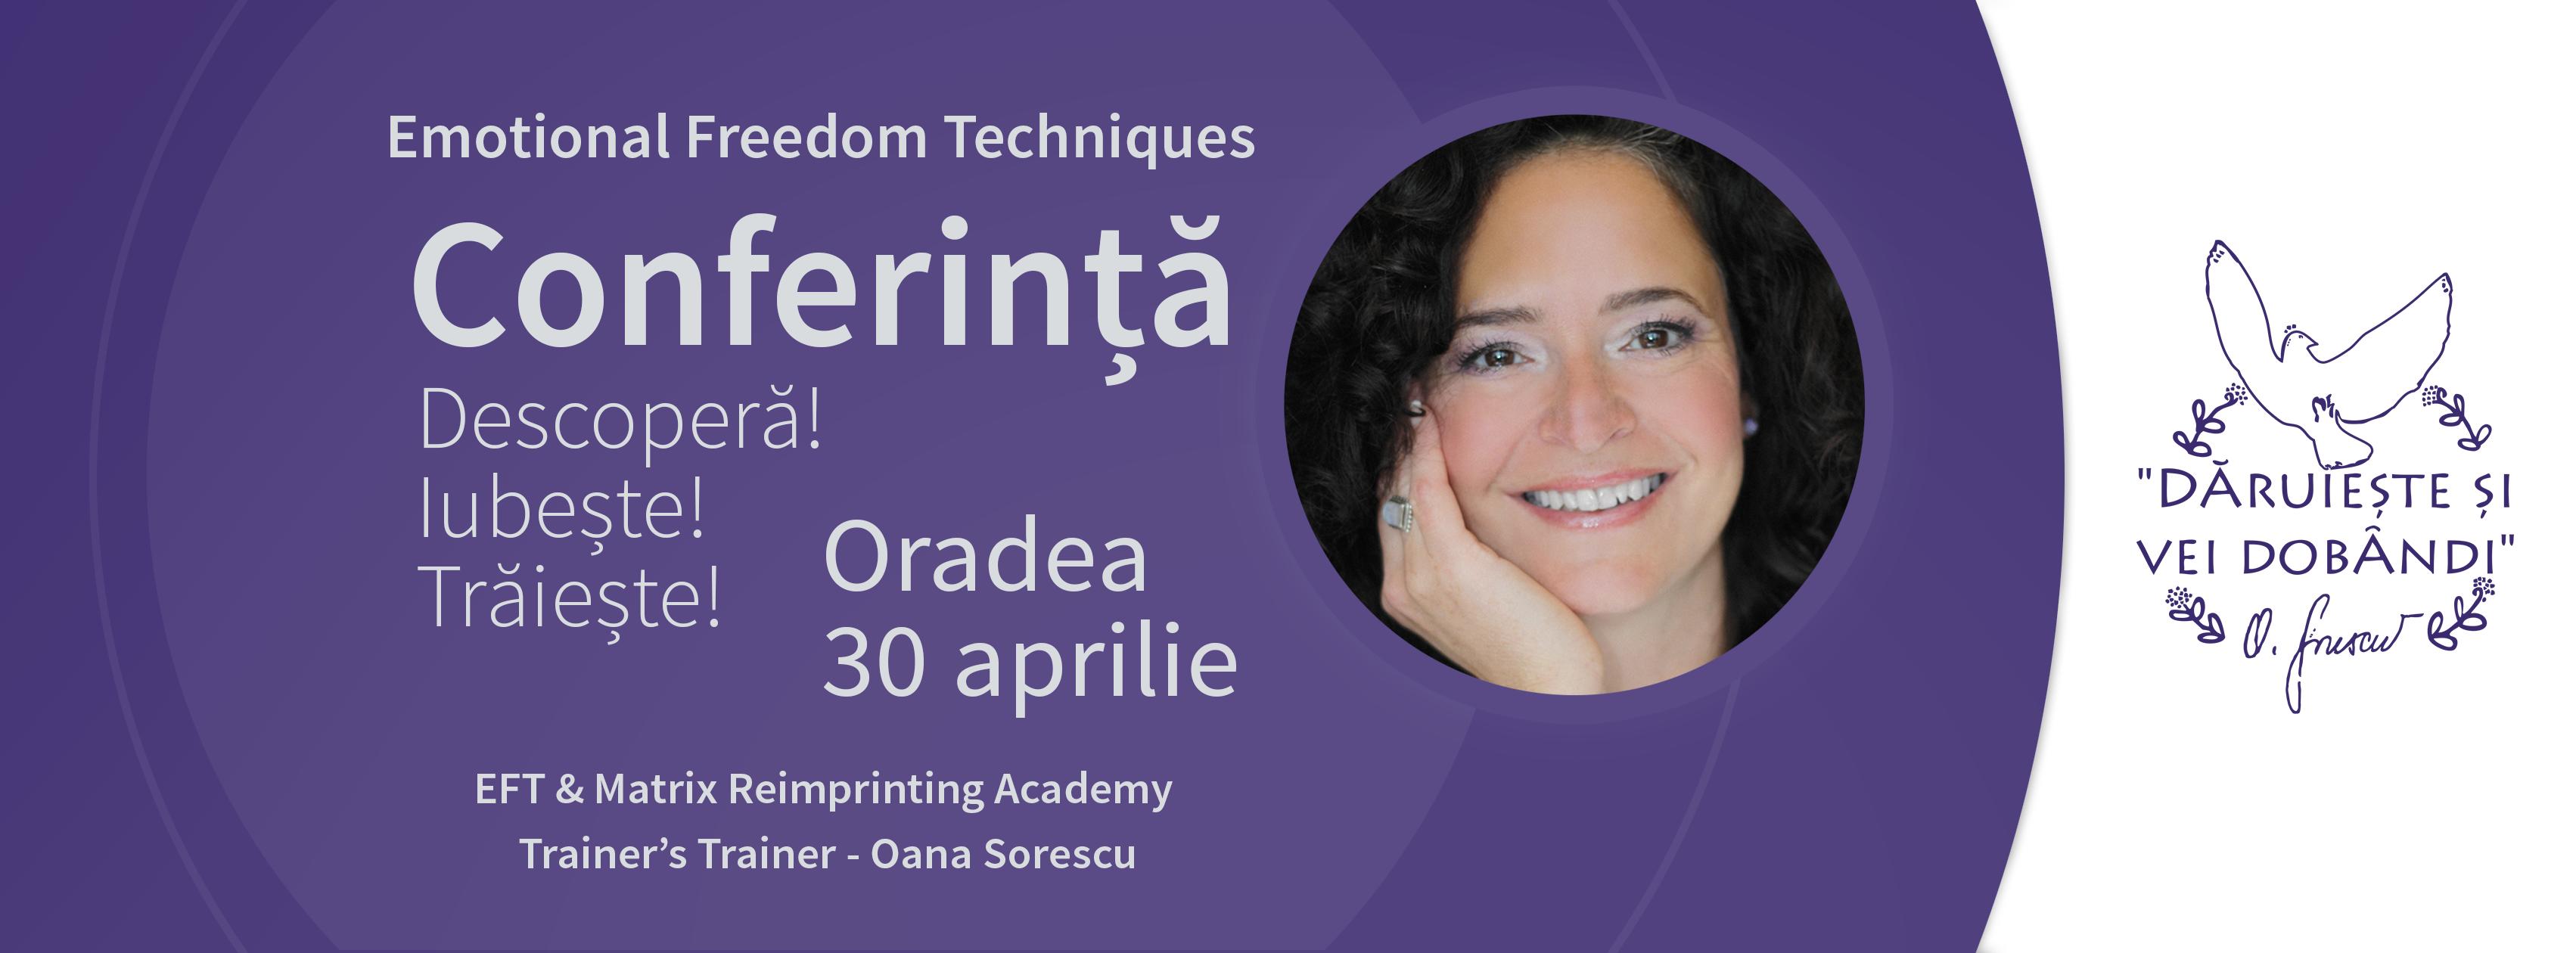 30_aprilie_oradea_conferinta